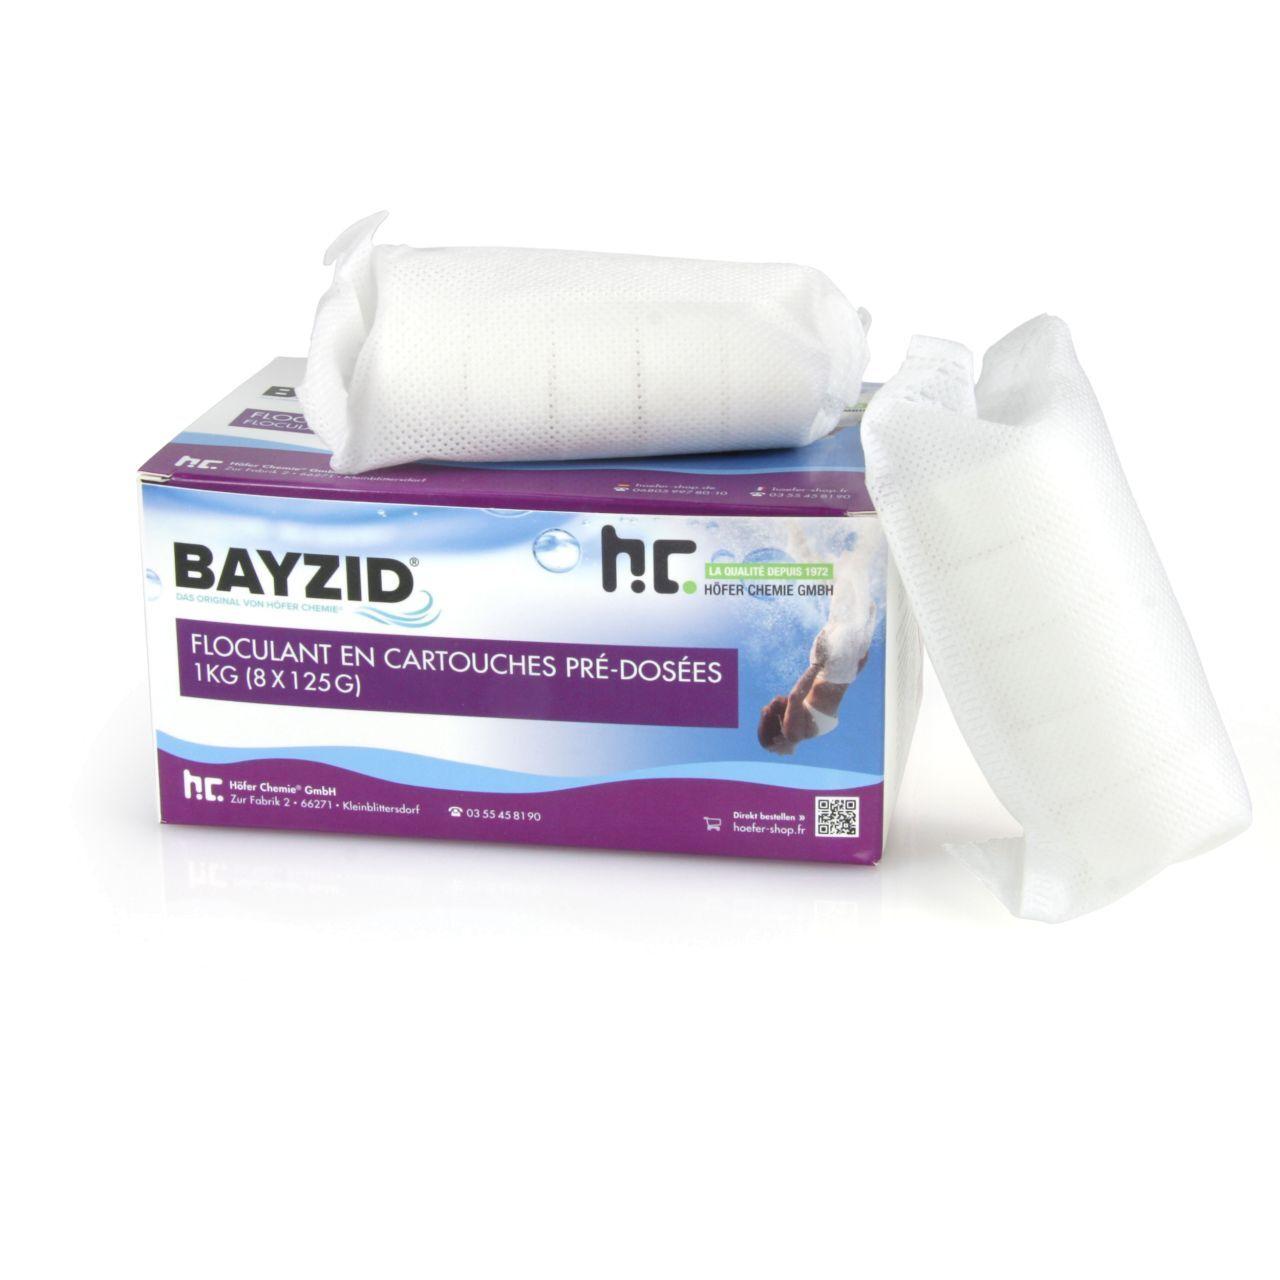 BAYZID 24 kg BAYZID® Cartouches de floculant pré-dosées (8x 125g) (24 x 1 kg)